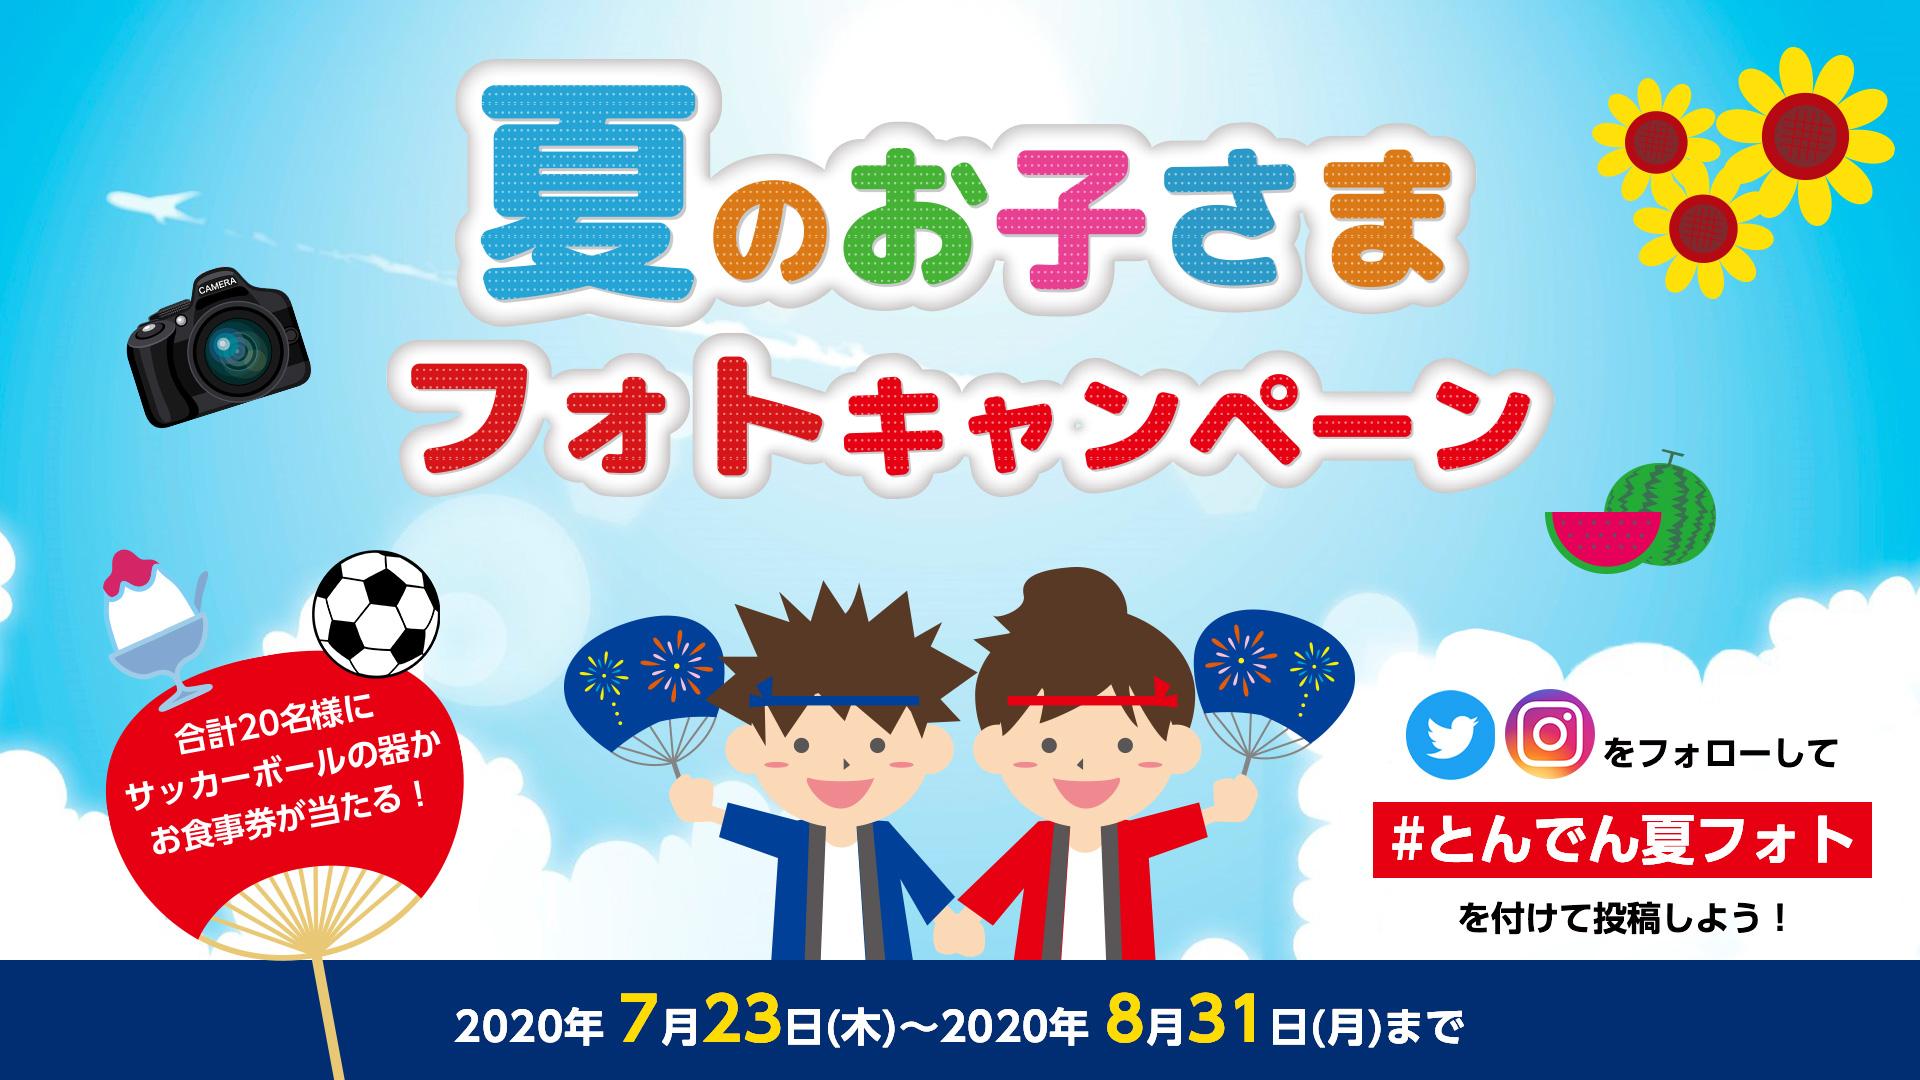 夏のお子さまフォトキャンペーン2020